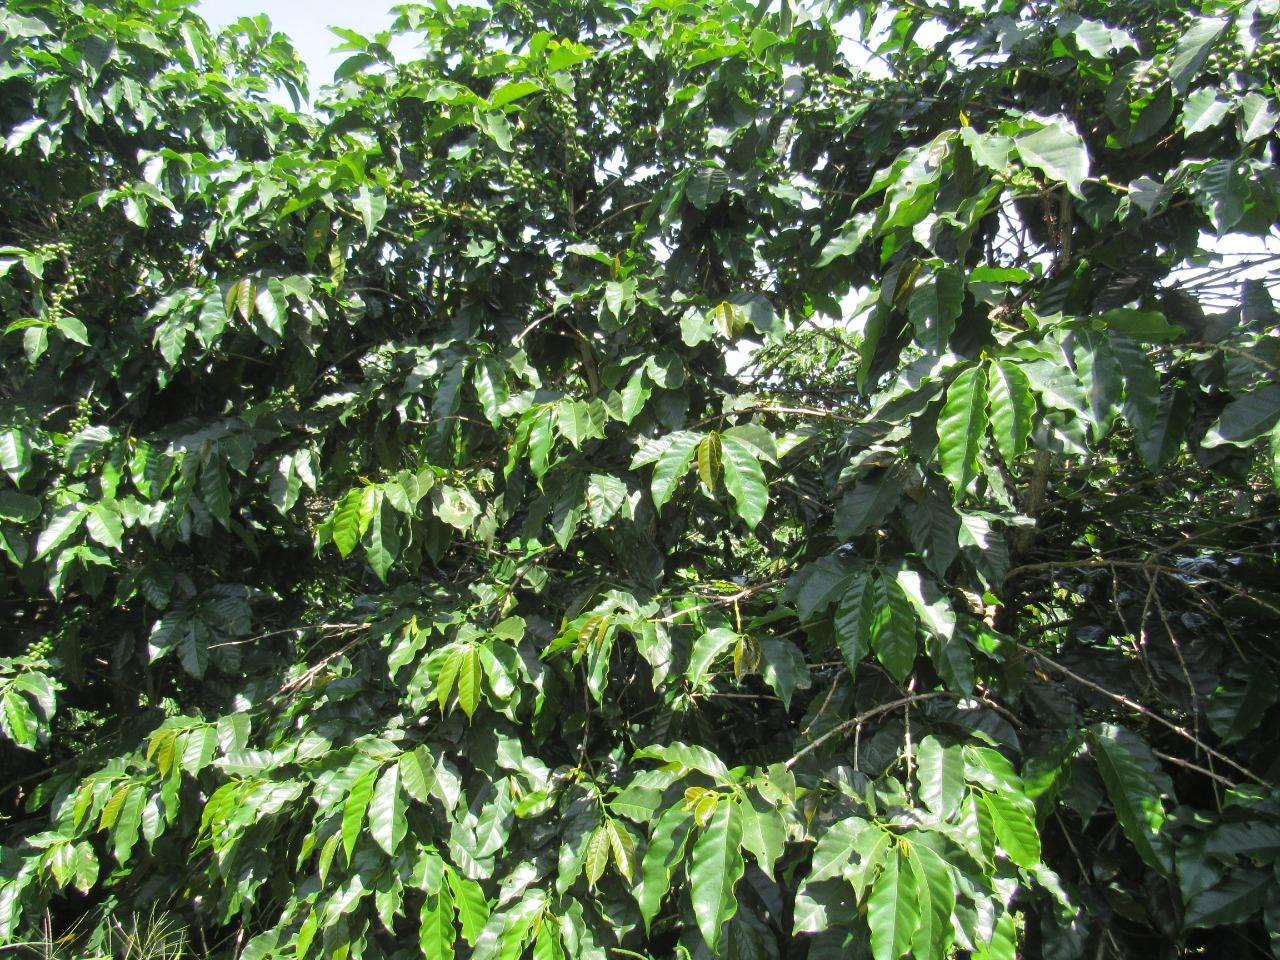 Produção de café em Minas Gerais - Envio de Guy Carvalho